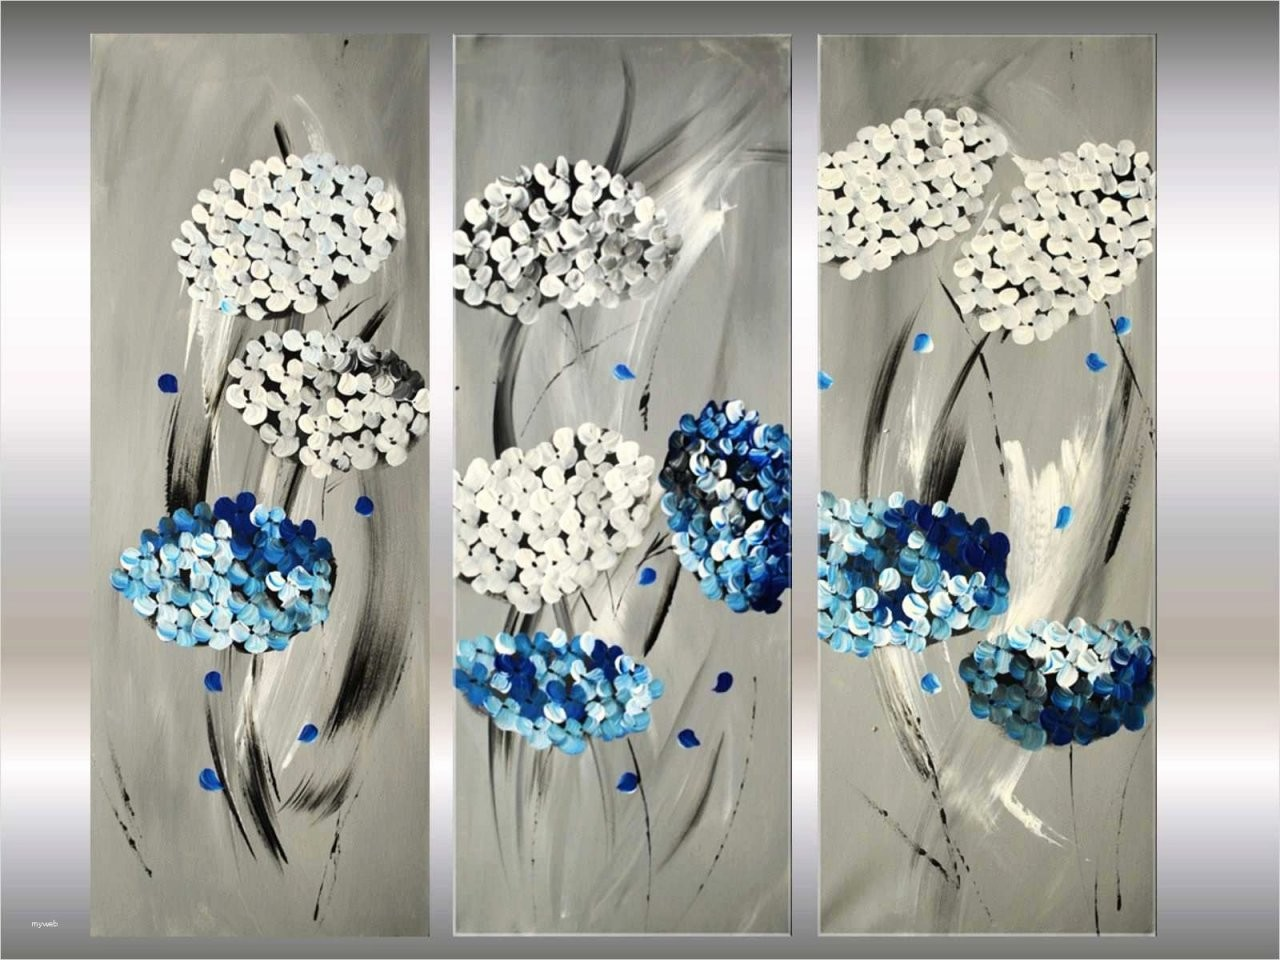 Bilder Malen Acryl Ideen Frisch Leinwandbilder Selber Malen Ideen 24 von Leinwandbilder Selber Malen Vorlagen Bild